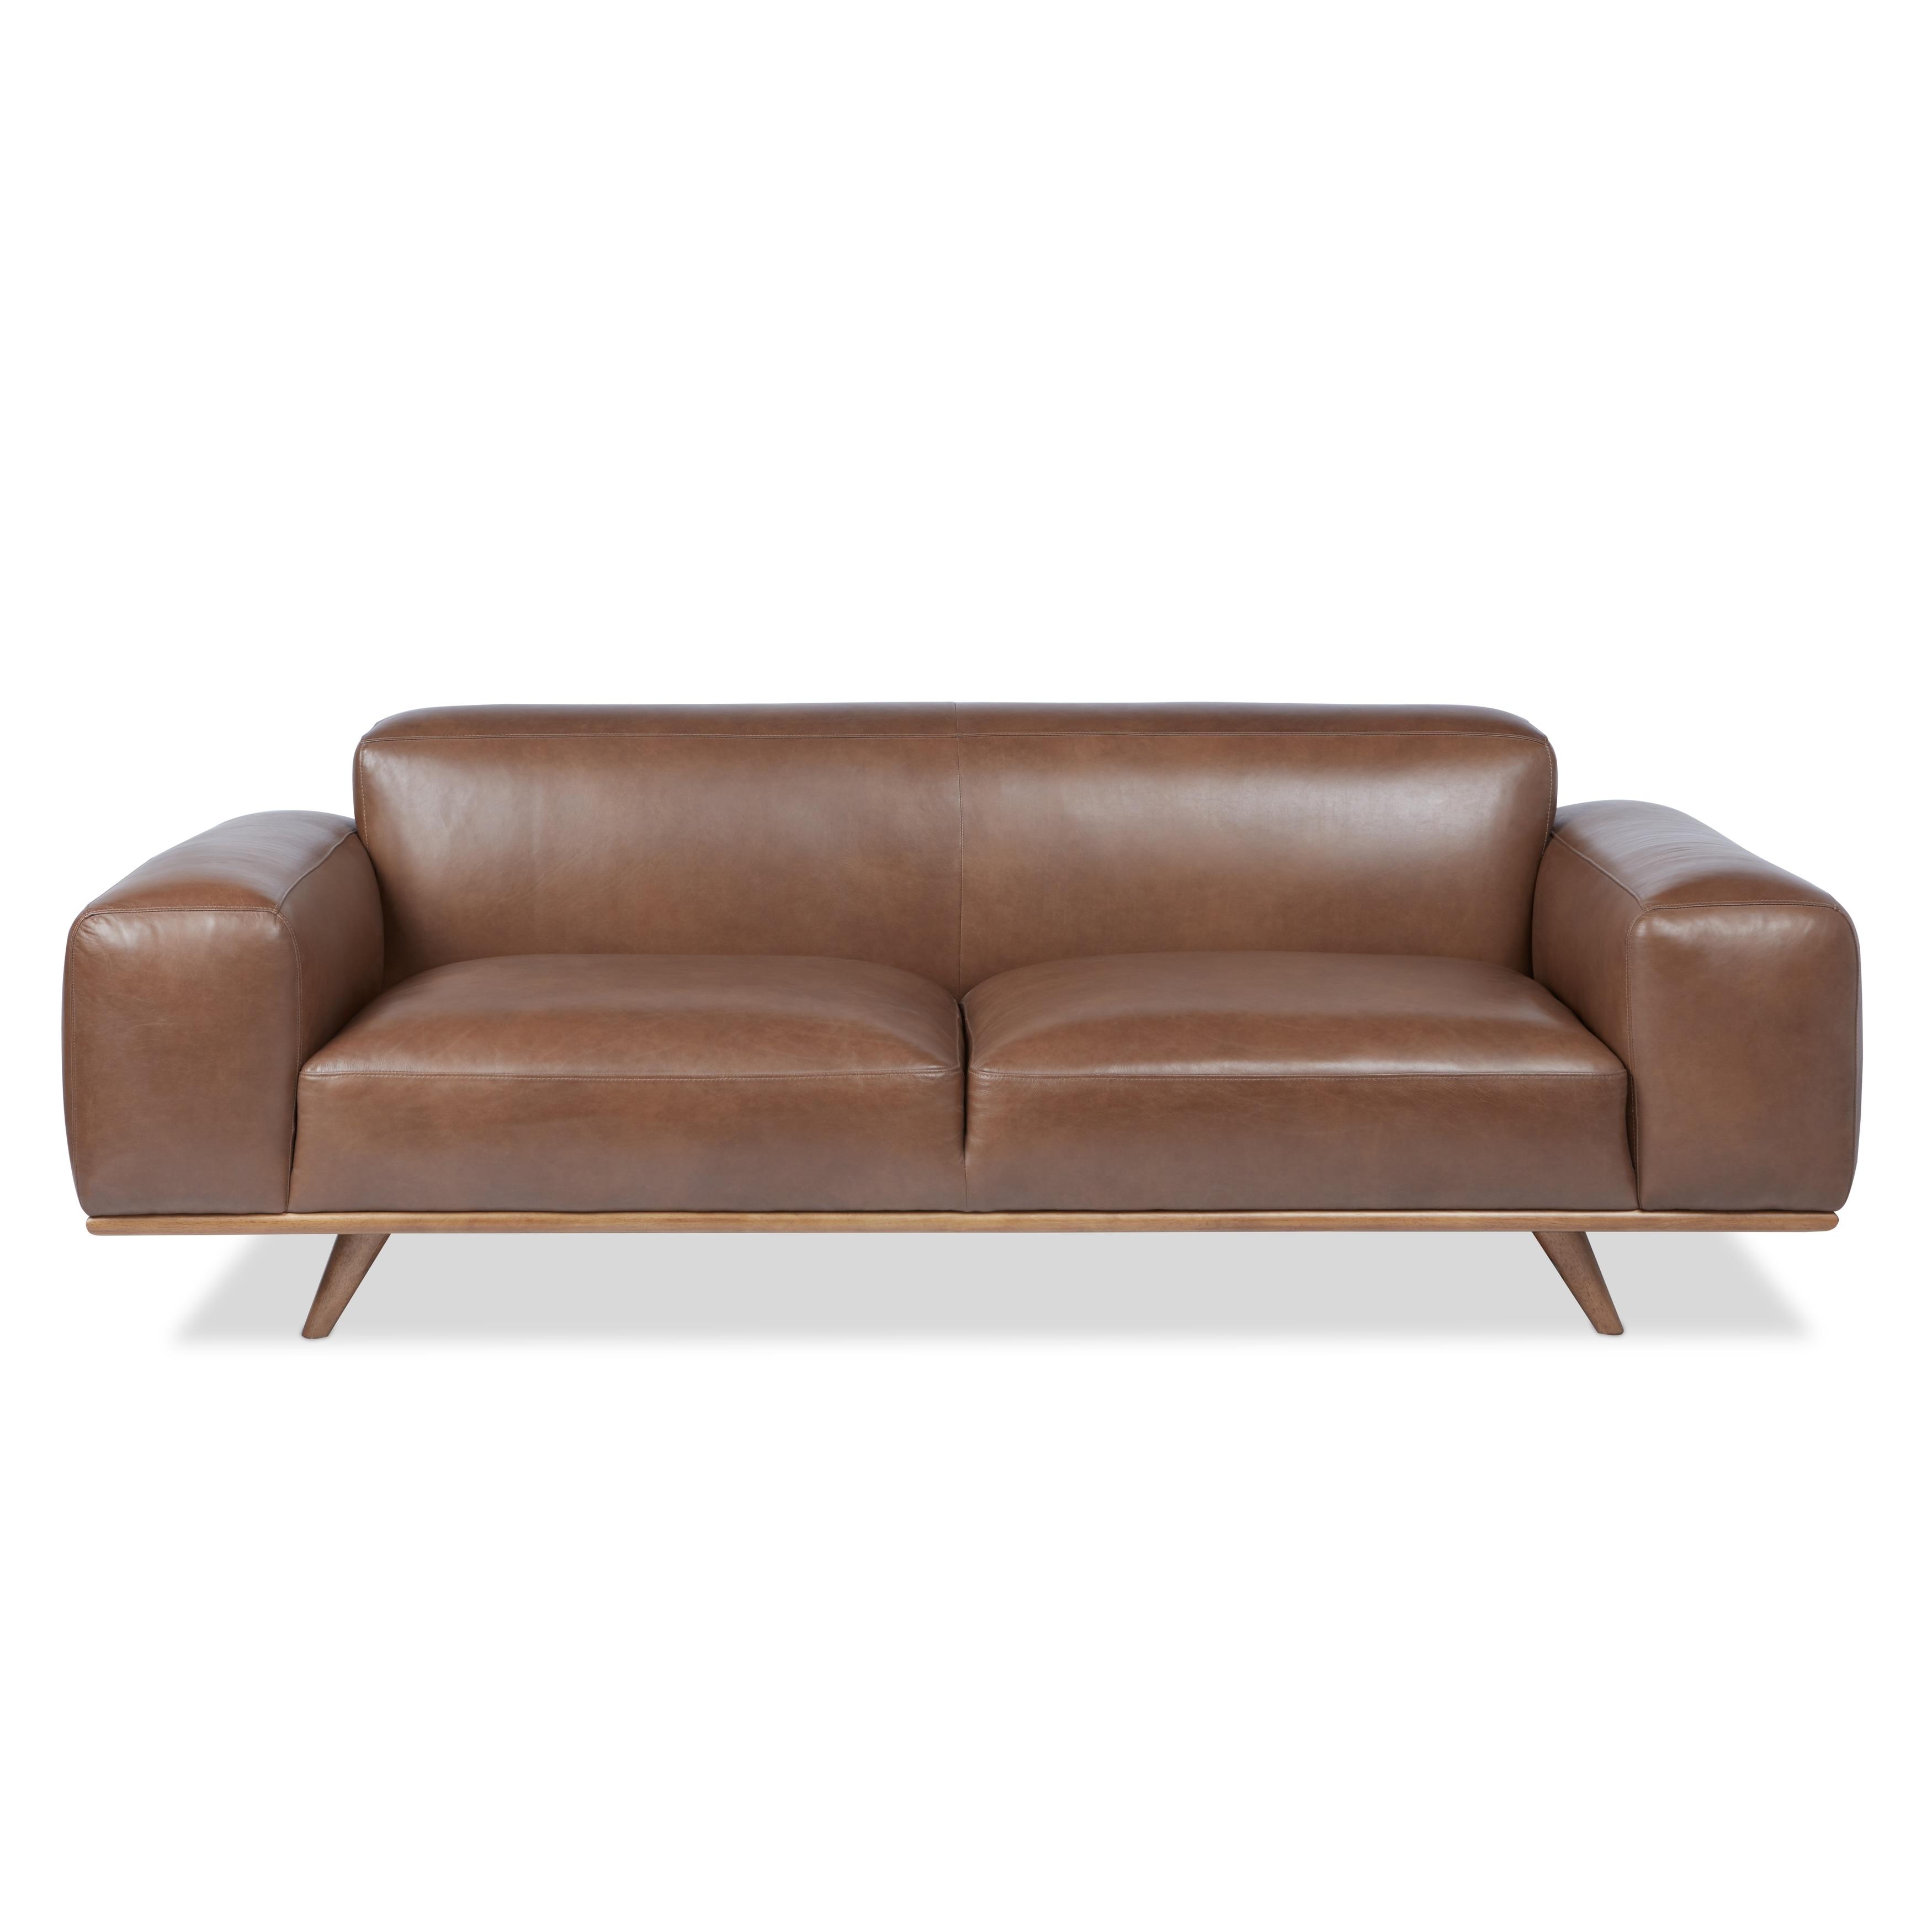 Strick & Bolton Dante Italian Oxford Tan Leather Sofa